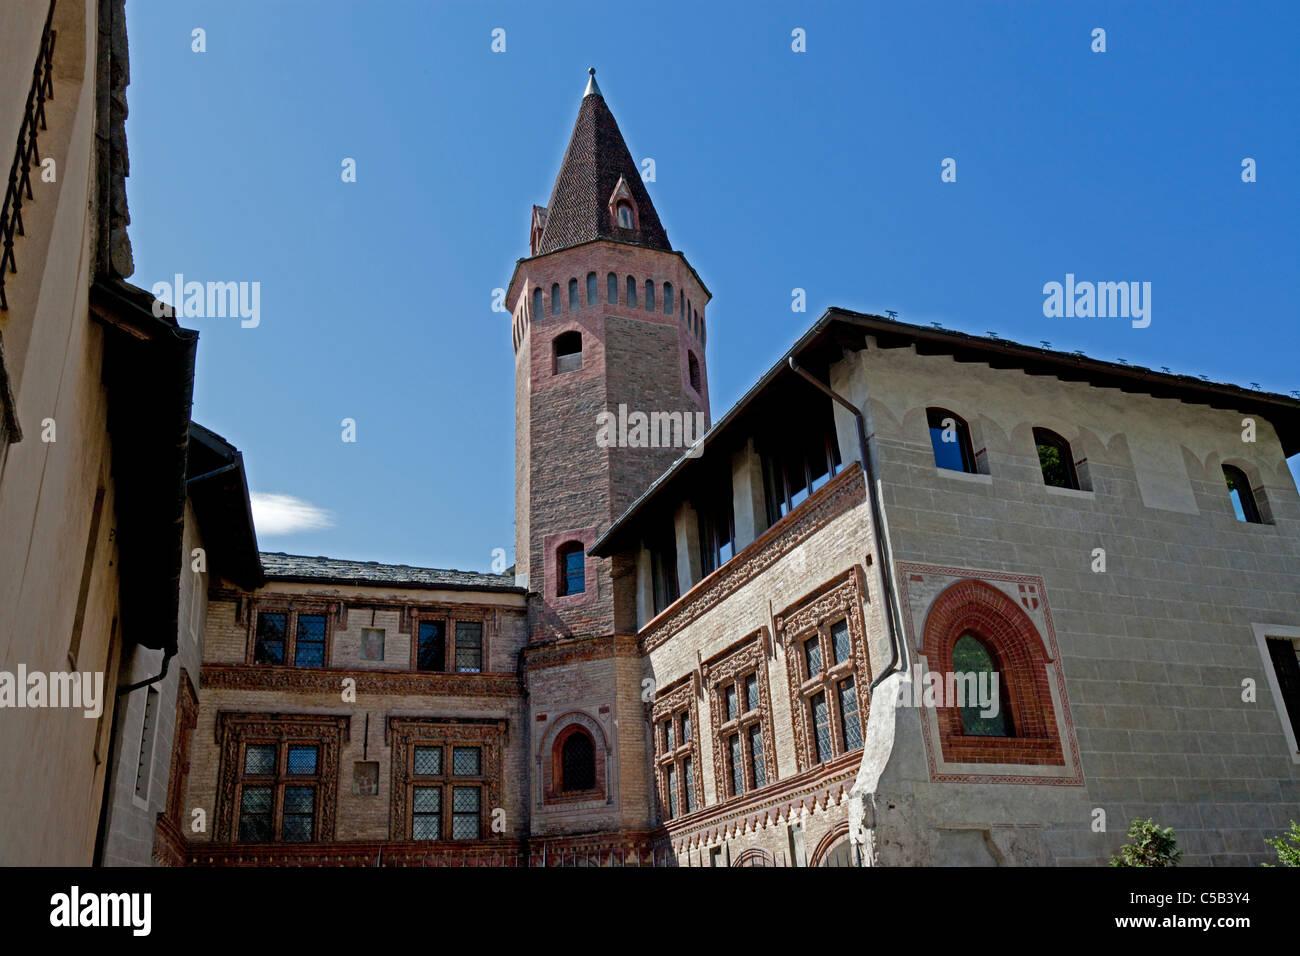 À Aoste, l'extérieur de la cathédrale St Pierre et St Ursus cloître roman (Italie). Extérieur Photo Stock